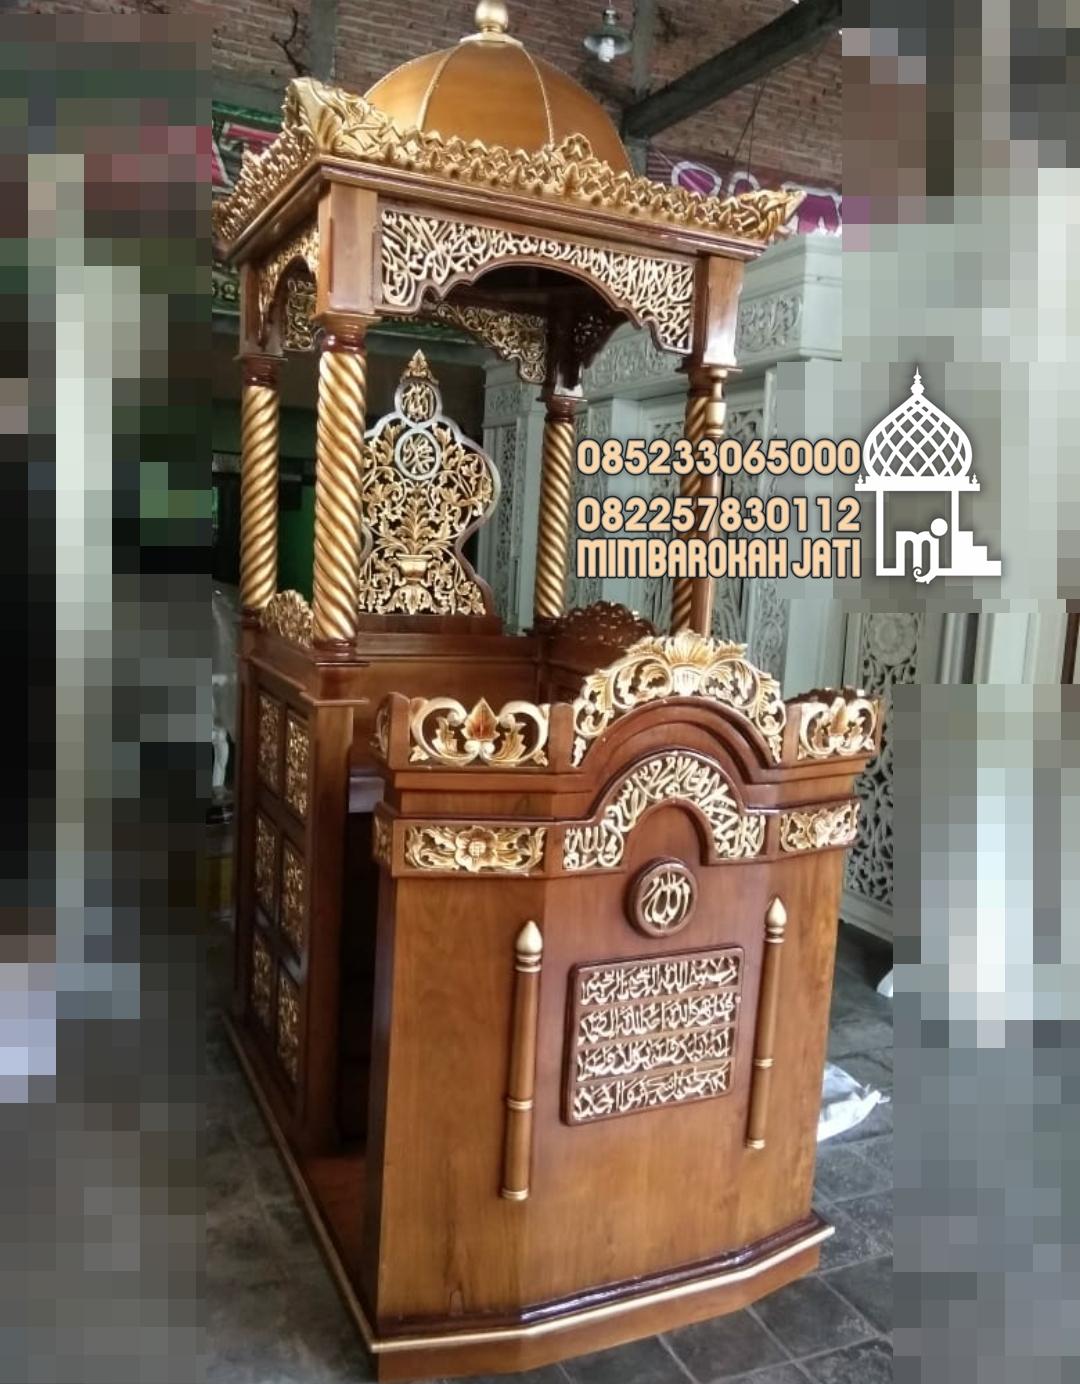 Mimbar Masjid Ornamen Ukiran Masjid Wilayah Kuningan